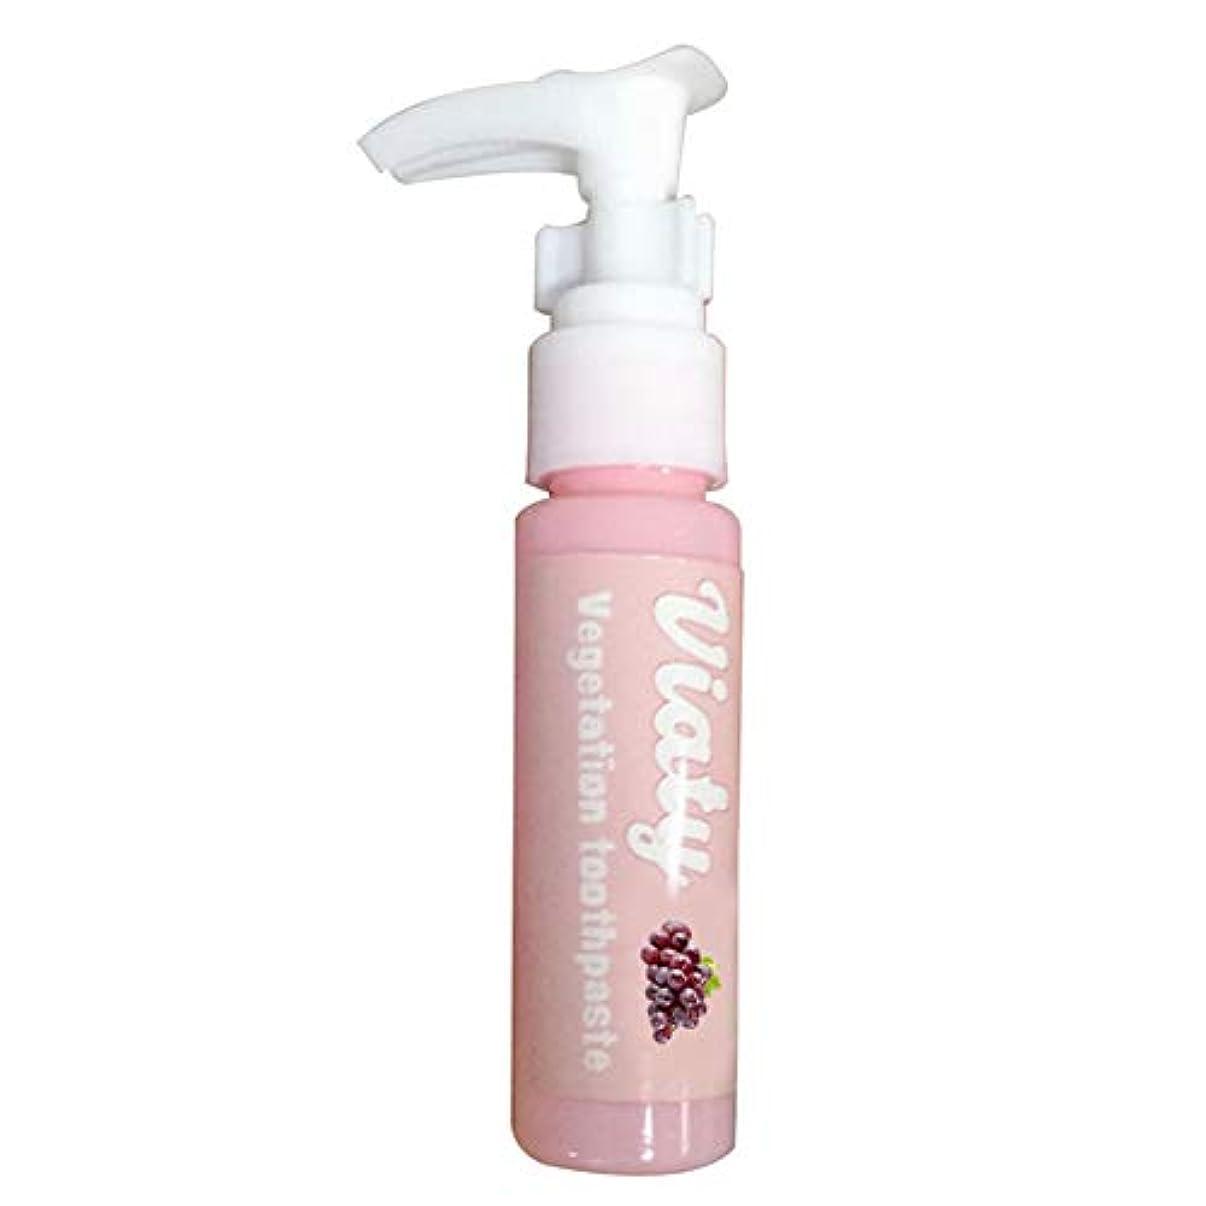 乱気流差し控えるページJuSop歯磨き粉を押す旅行ベーキングソーダを白くする装置のフルーティーなベーキングソーダ歯磨き粉